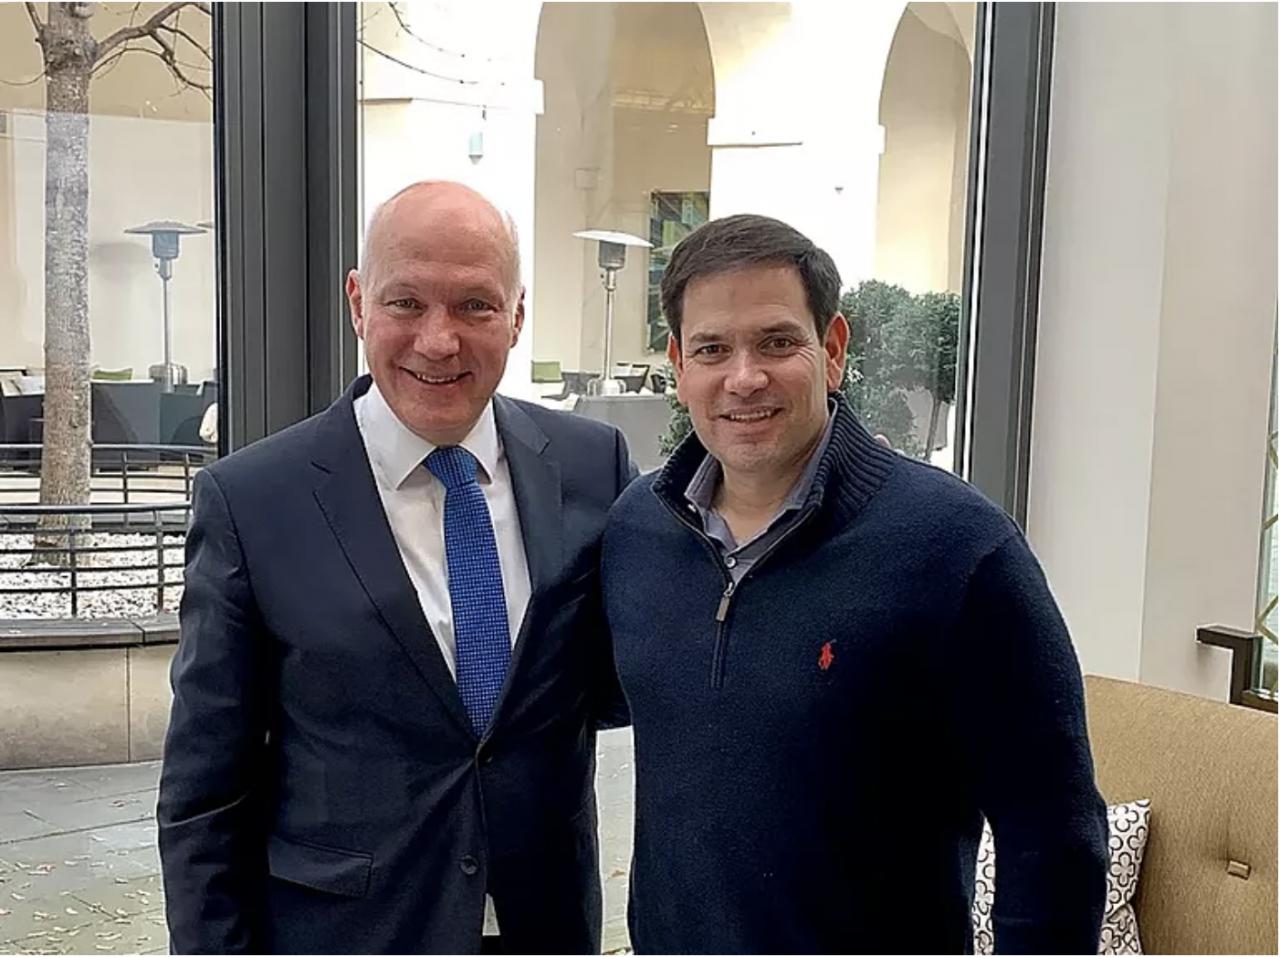 Respekt: Vlivný americký senátor Rubio řeší prodej Novy skupině PPF